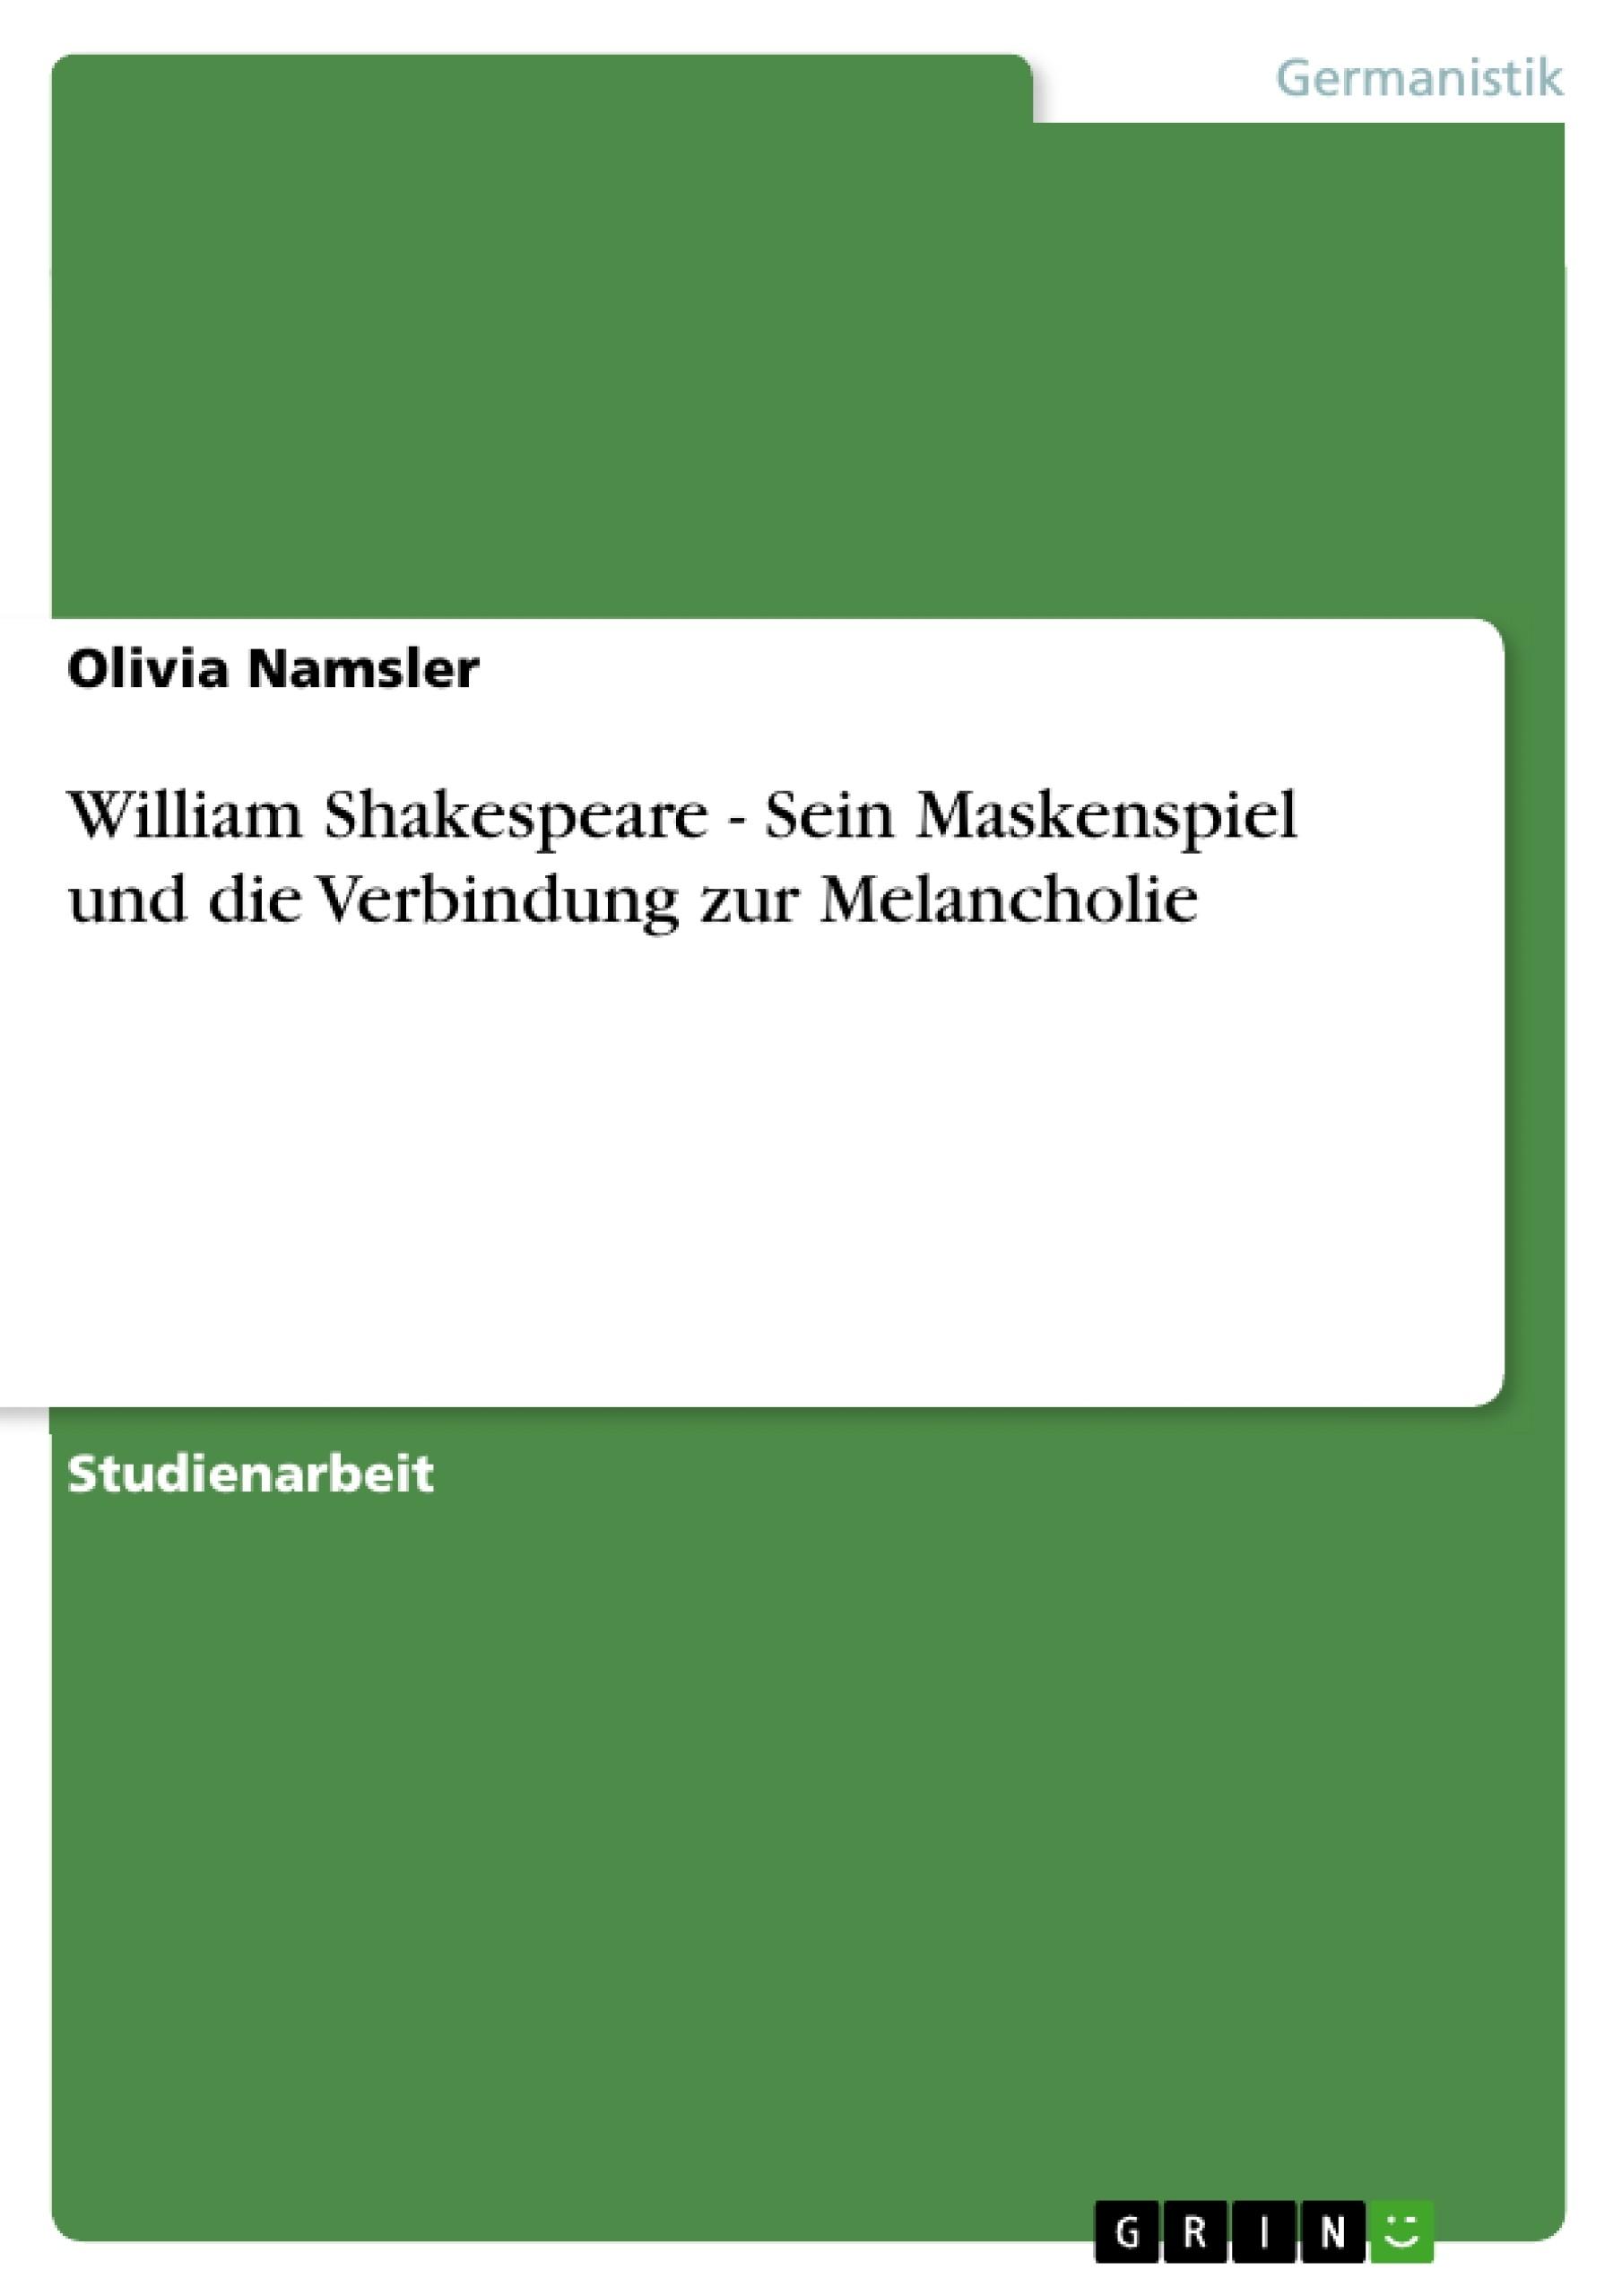 Titel: William Shakespeare - Sein Maskenspiel und die Verbindung zur Melancholie